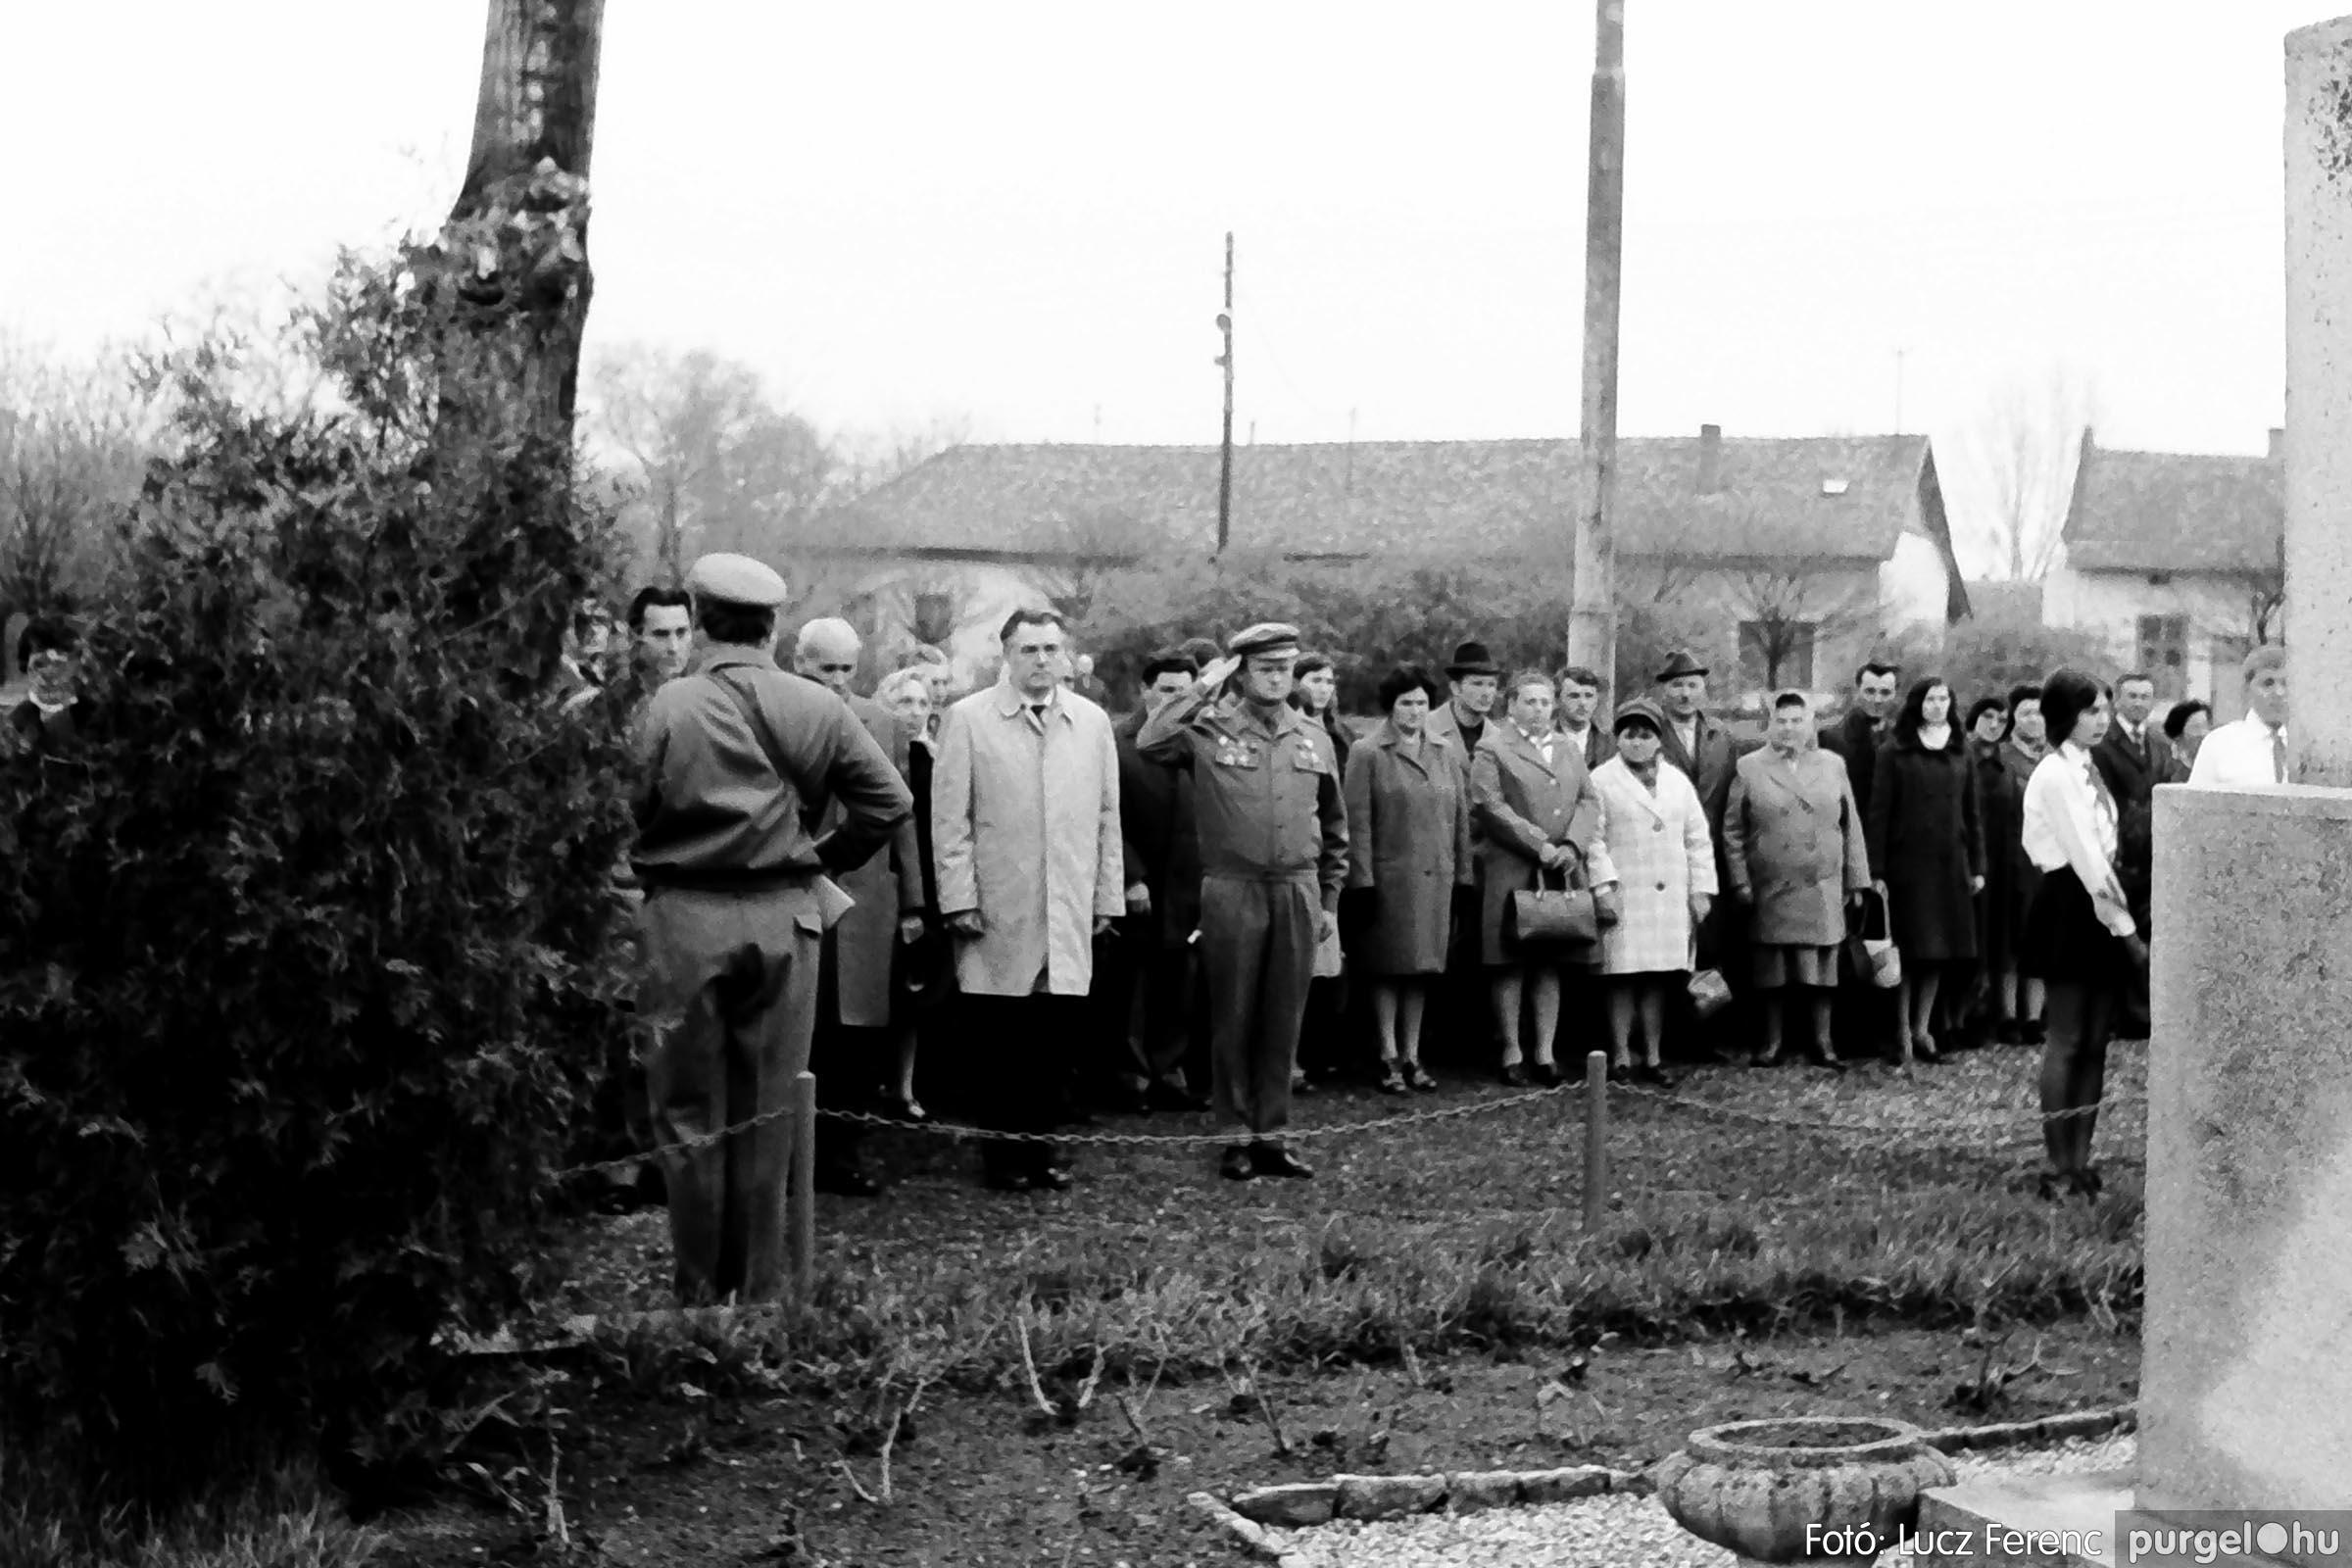 008 1975.04.04. Április 4-i ünnepség 020 - Fotó: Lucz Ferenc IMG00143q.jpg